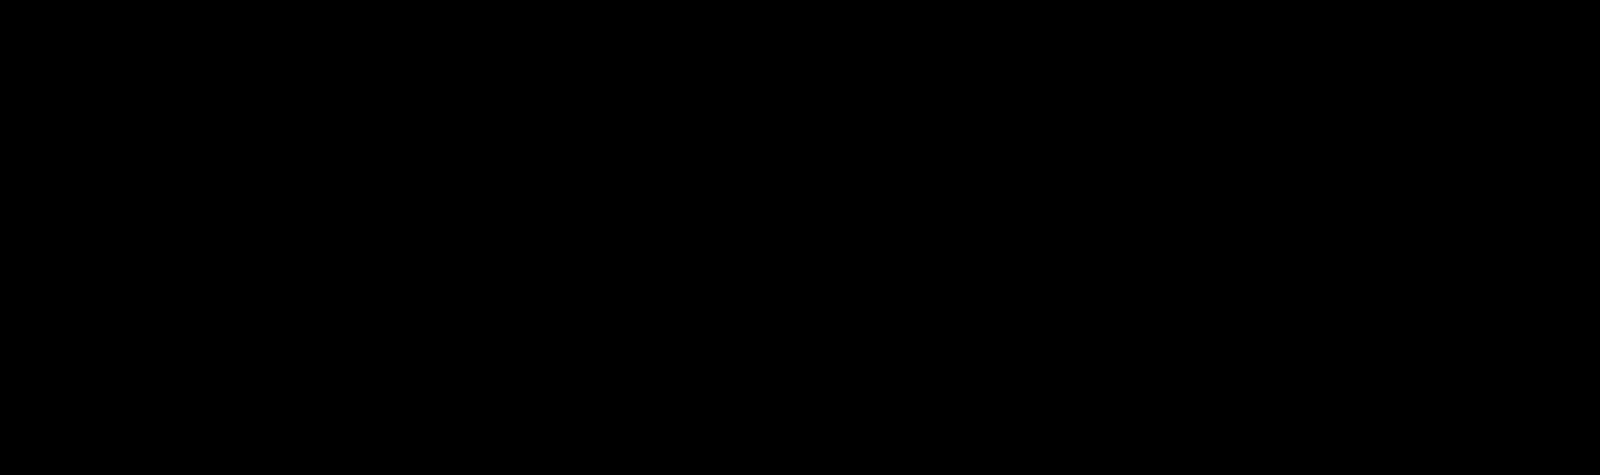 đề-kiểm-tra-1-tiết-vật-li-chương-1